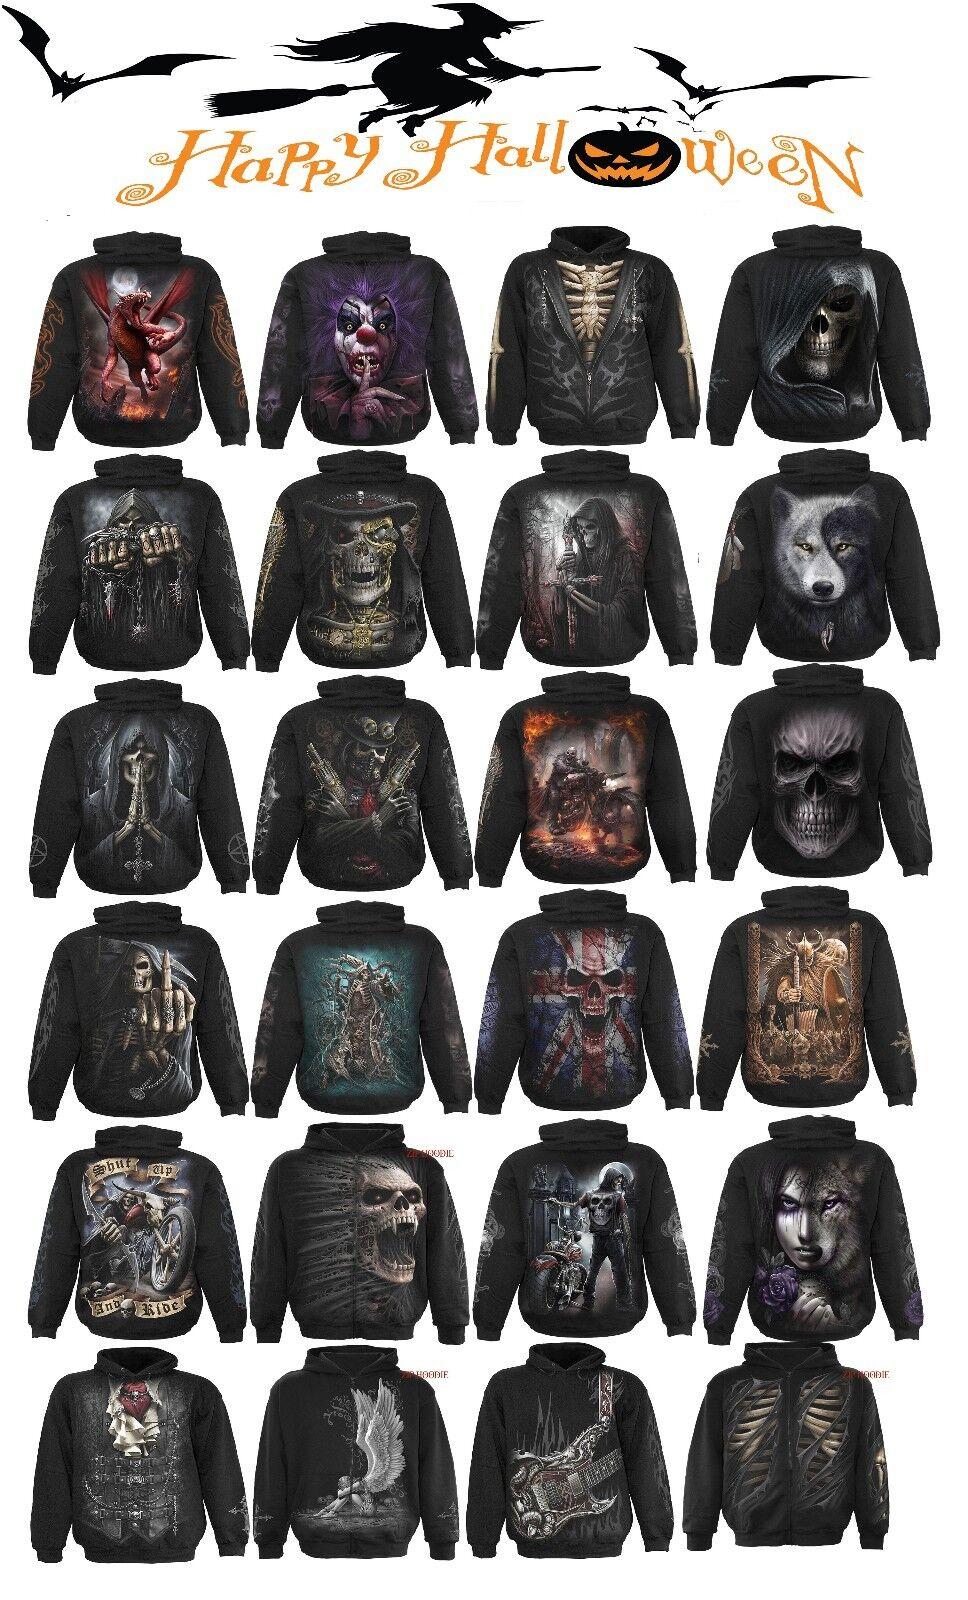 SHUSpiral Direct HALLOWEEN Grim Reaper Steam Punk Gothic Biker Dark Wear Hoodies